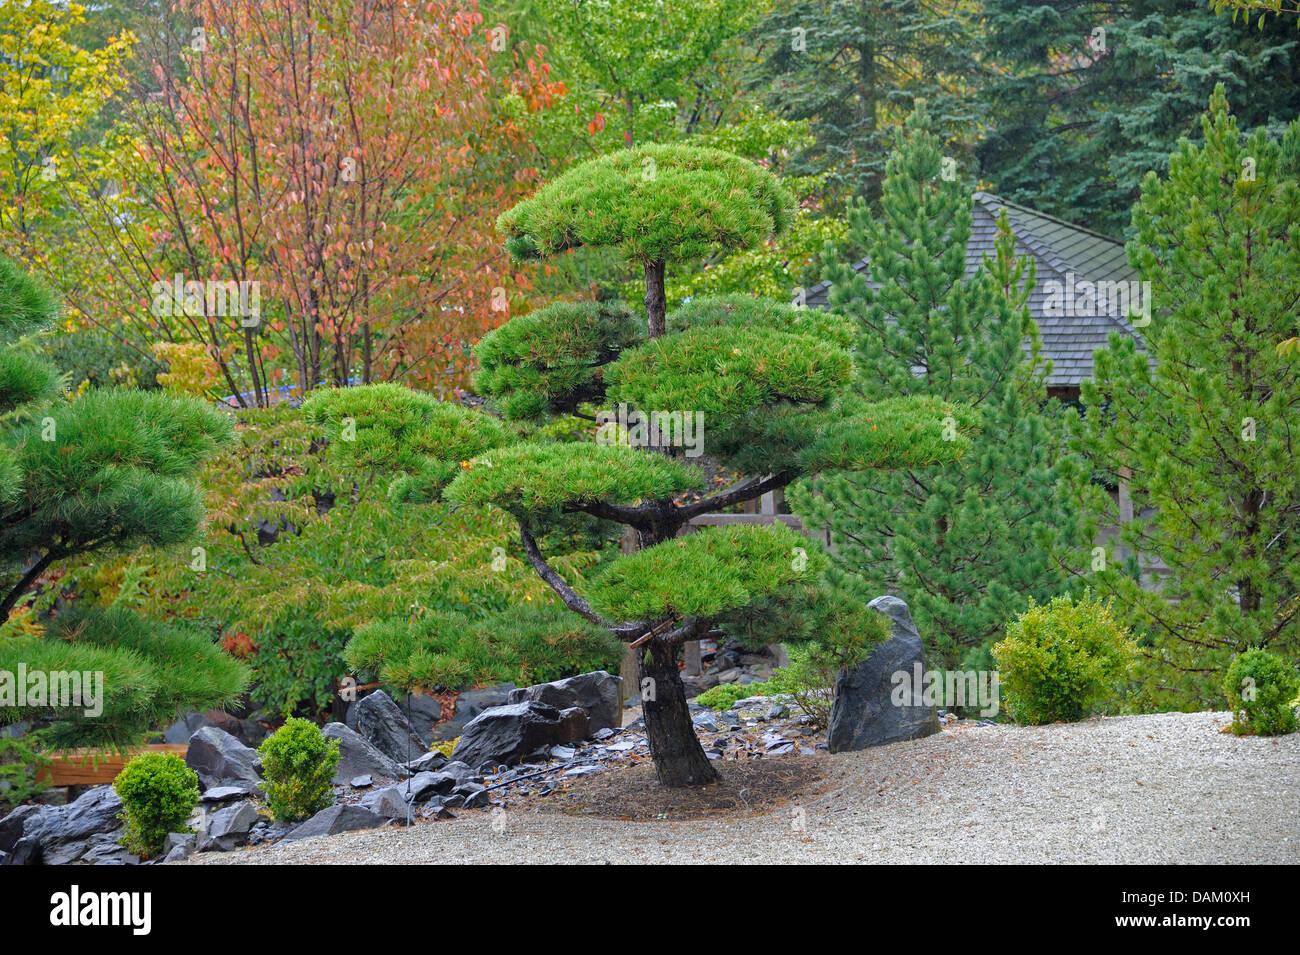 black pine, lodgepole pine, shore pine (Pinus contorta), topiary - Stock Image